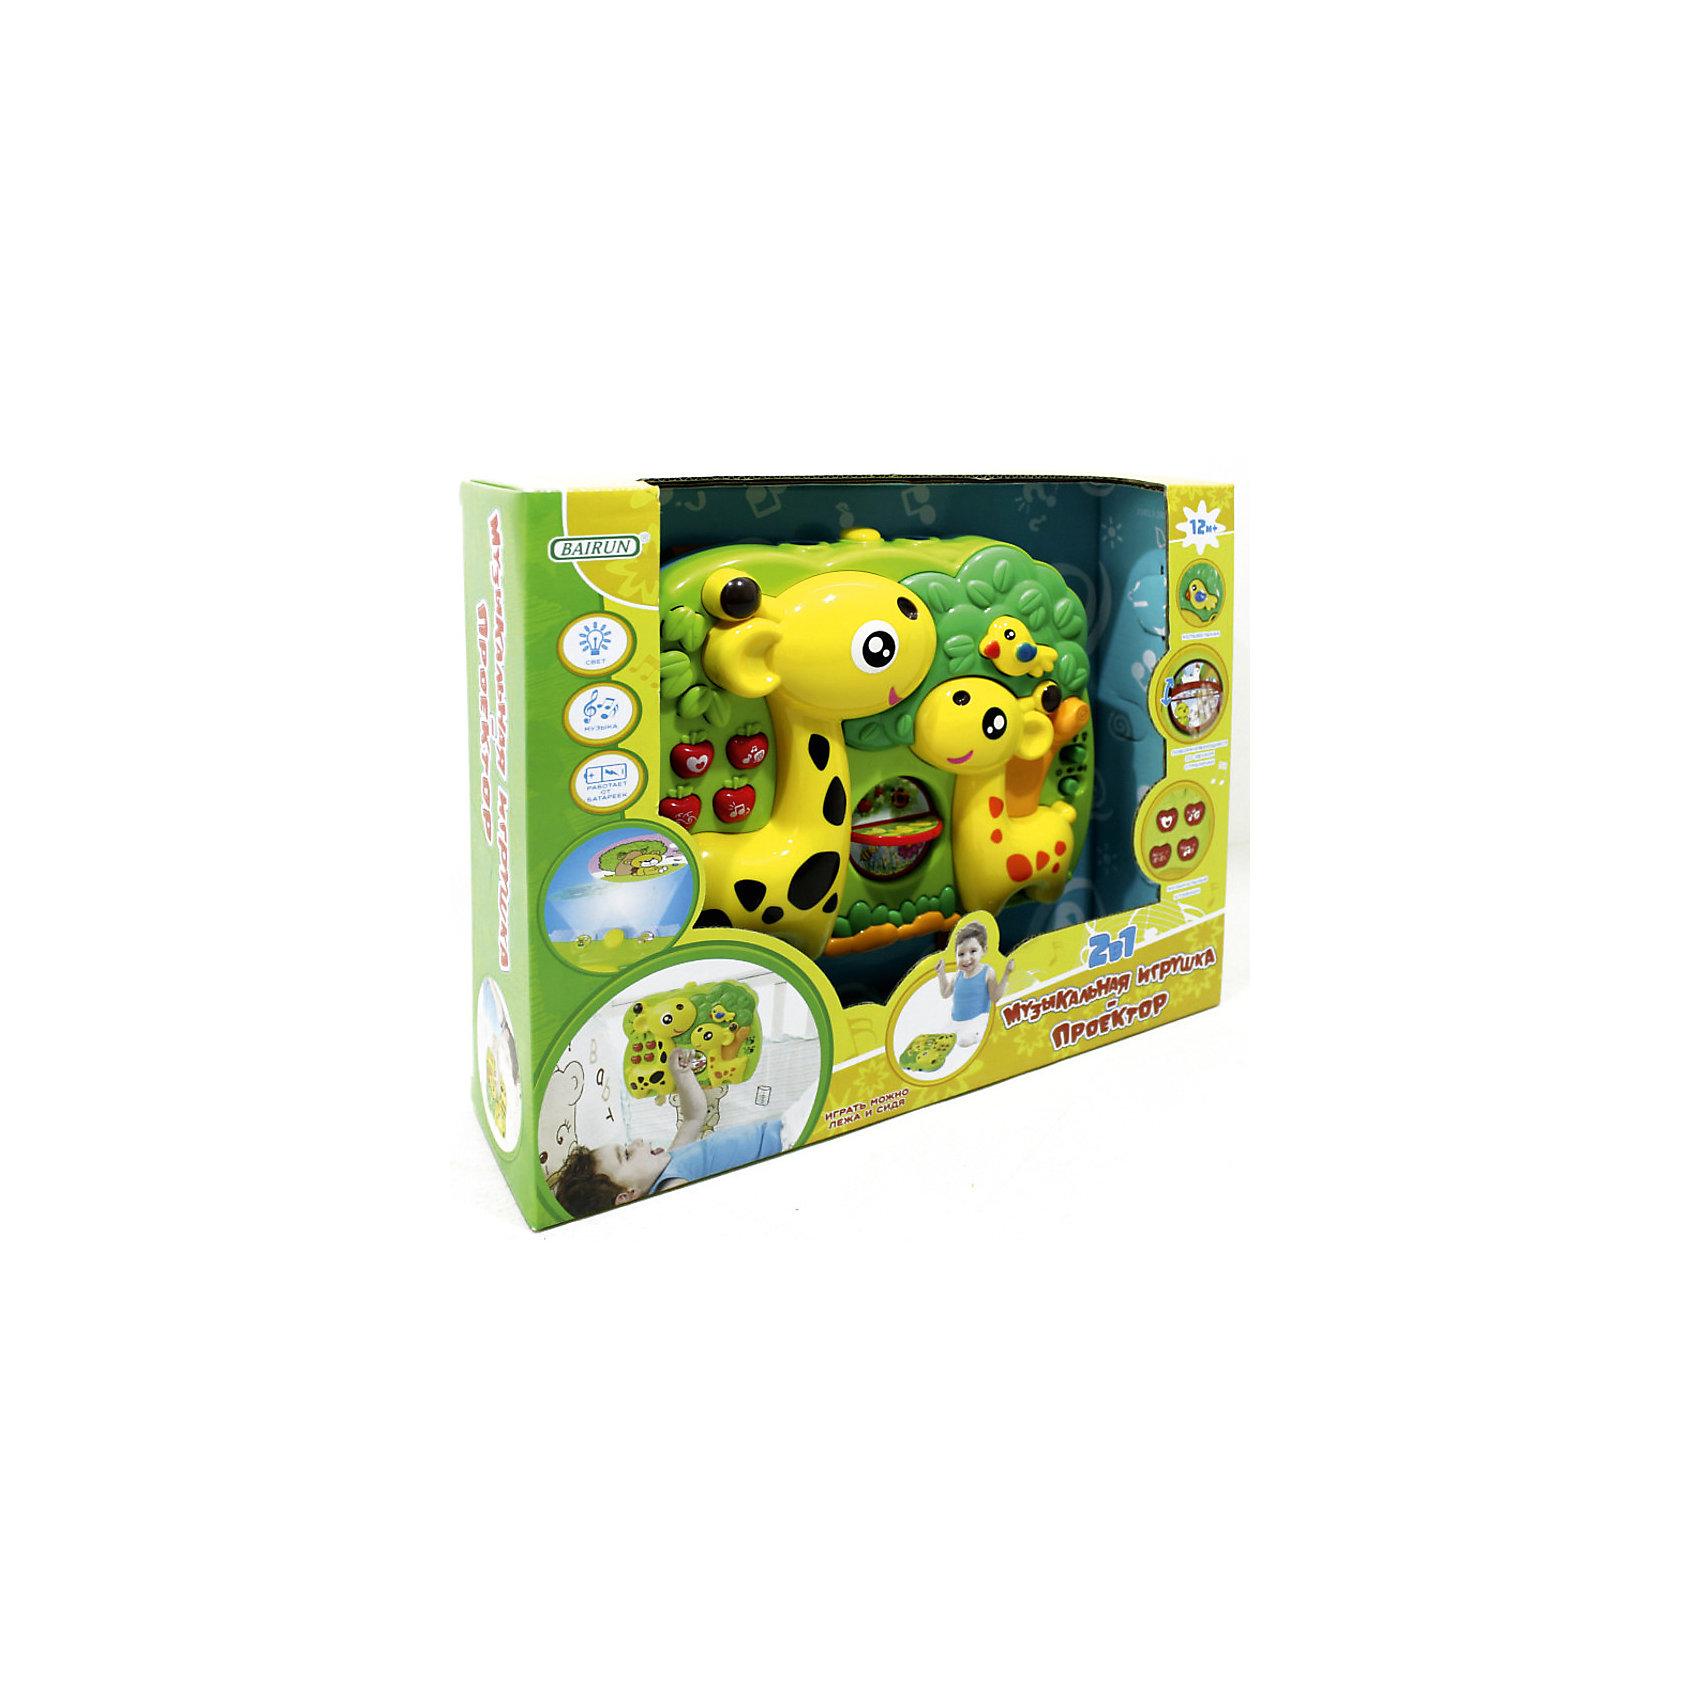 Музыкальный проектор-подвеска 2 в 1 Bairun Жирафы (свет, звук)Развивающие игрушки<br>Характеристики:<br><br>• возраст: от 12 месяцев<br>• материал: пластик<br>• подвешивается на кроватку<br>• батарейки: 4 типа AA / LR6 1.5V<br>• наличие батареек: не входят в комплект<br>• размер упаковки: 31х25х8 см.<br><br>Музыкальная игрушка-проектор 2 в 1 от бренда Bairun (Байран) представляет собой планшет в виде зеленого сада, в котором обитают два веселых жирафа. С ней можно играть, как держа в руках, так и закрепив к бортику кроватки при помощи ремешков.<br><br>Объемные кнопочки активируют музыкальные и световые эффекты. Посередине имеется вращающееся колесико с разными картинками, рассматривая которые, малыш узнает о некоторых обитателях живой природы. Справа есть переключатель, который позволит регулировать громкость музыки.<br><br>Звуковой модуль воспроизводит различные звуки природы и колыбельную. Проектор проецирует на стены изображения веселых зверушек. Интенсивность свечения можно настроить. Игрушка выполнена из прочного и нетоксичного пластика, полностью безопасного для здоровья малыша.<br><br>Музыкальную игрушку- проектор 2 в 1, Bairun (Байран) можно купить в нашем интернет-магазине.<br><br>Ширина мм: 310<br>Глубина мм: 250<br>Высота мм: 8<br>Вес г: 700<br>Возраст от месяцев: 12<br>Возраст до месяцев: 2147483647<br>Пол: Унисекс<br>Возраст: Детский<br>SKU: 6841724